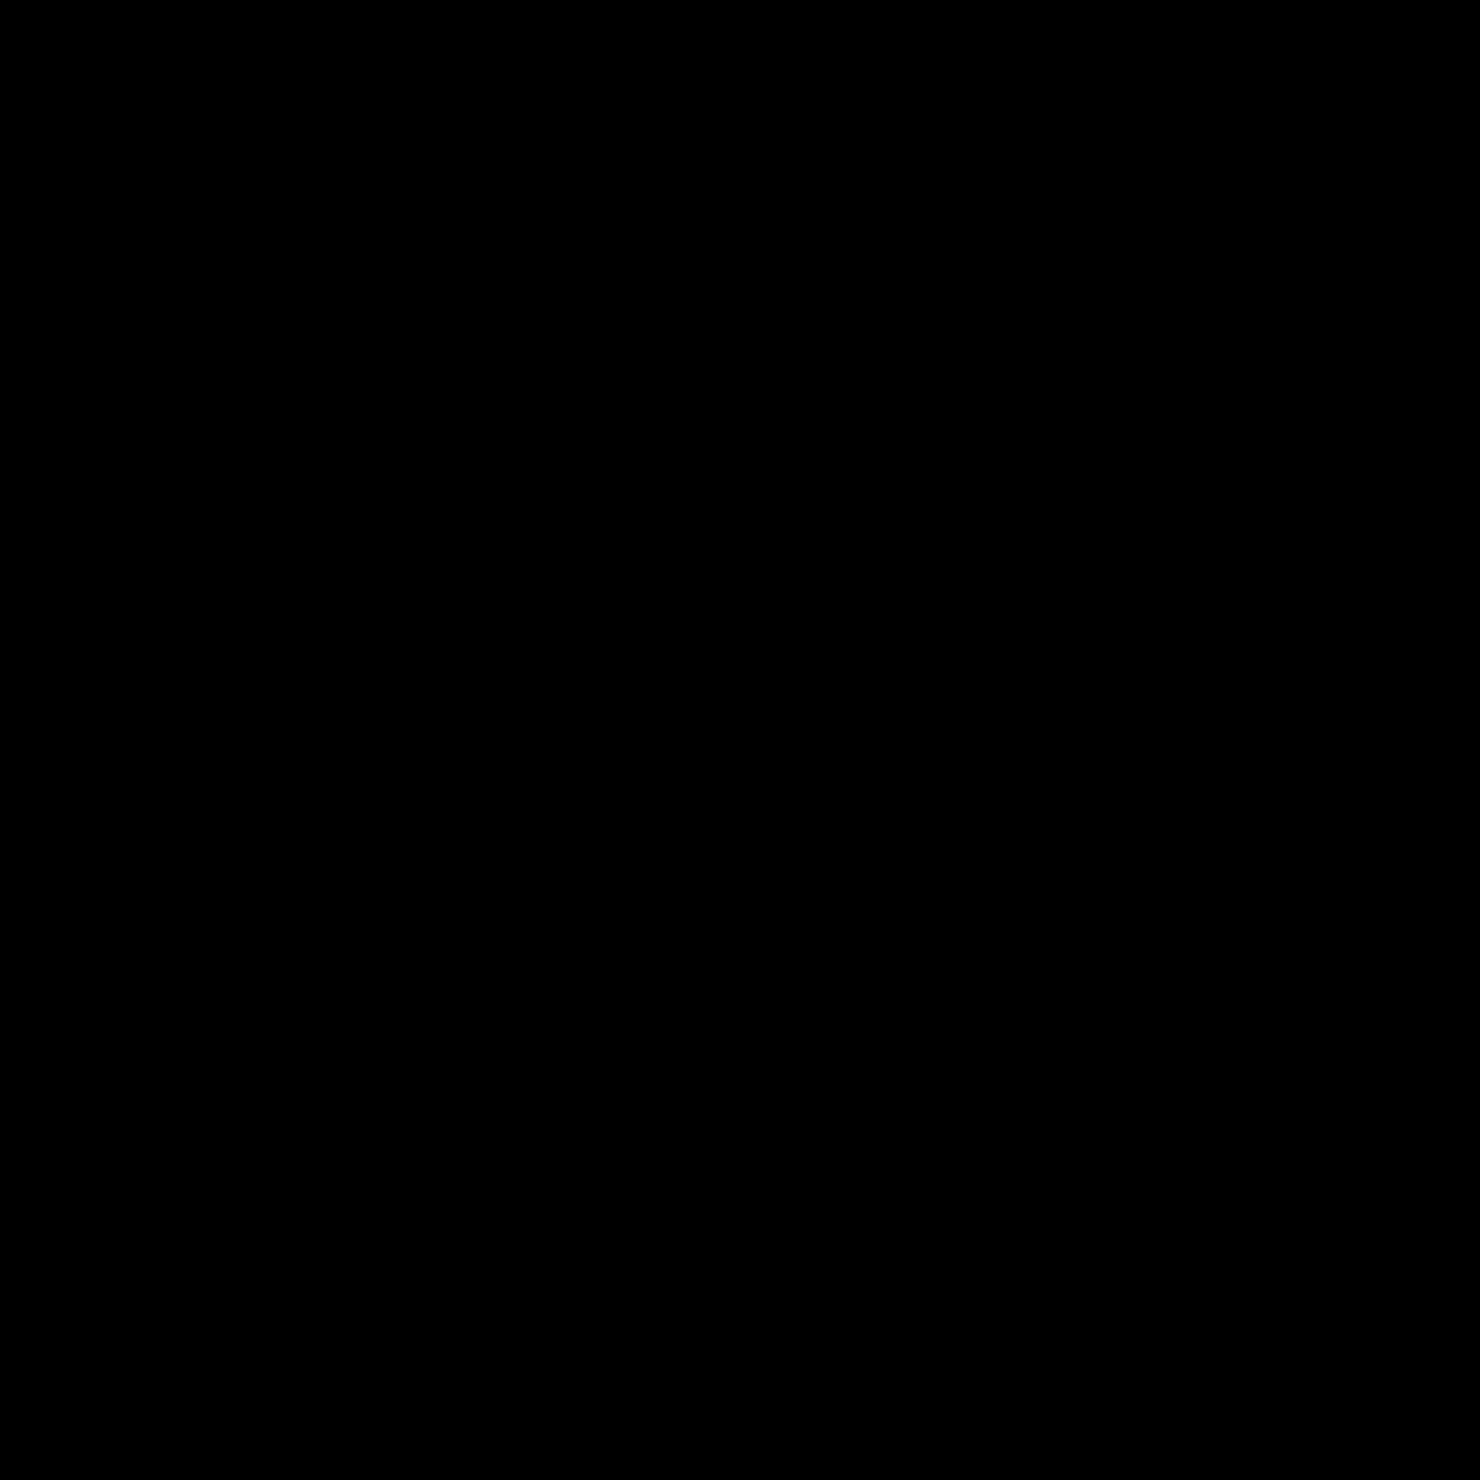 McKeeRisk_Icons2-08